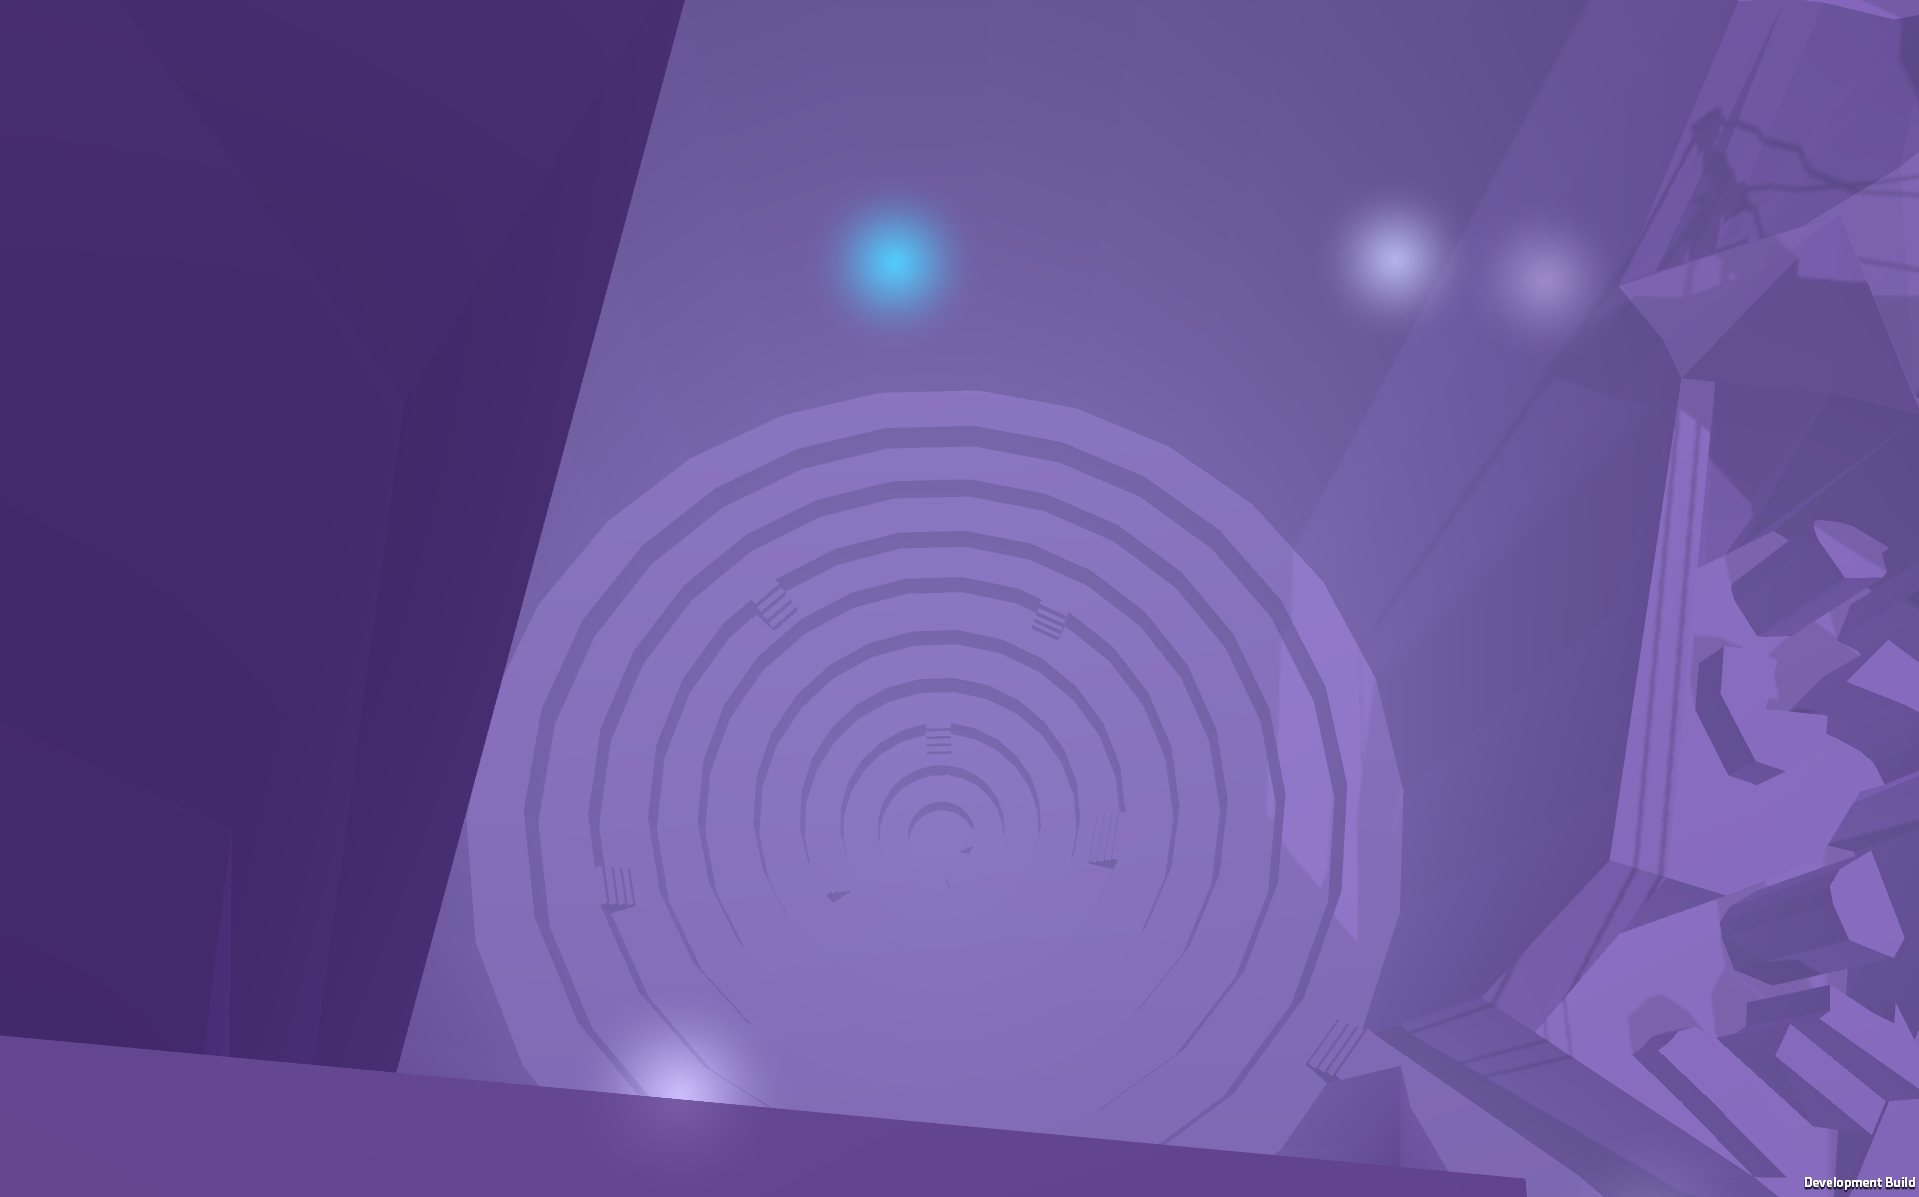 Une expérience visuelle interactive  1456573683060039700